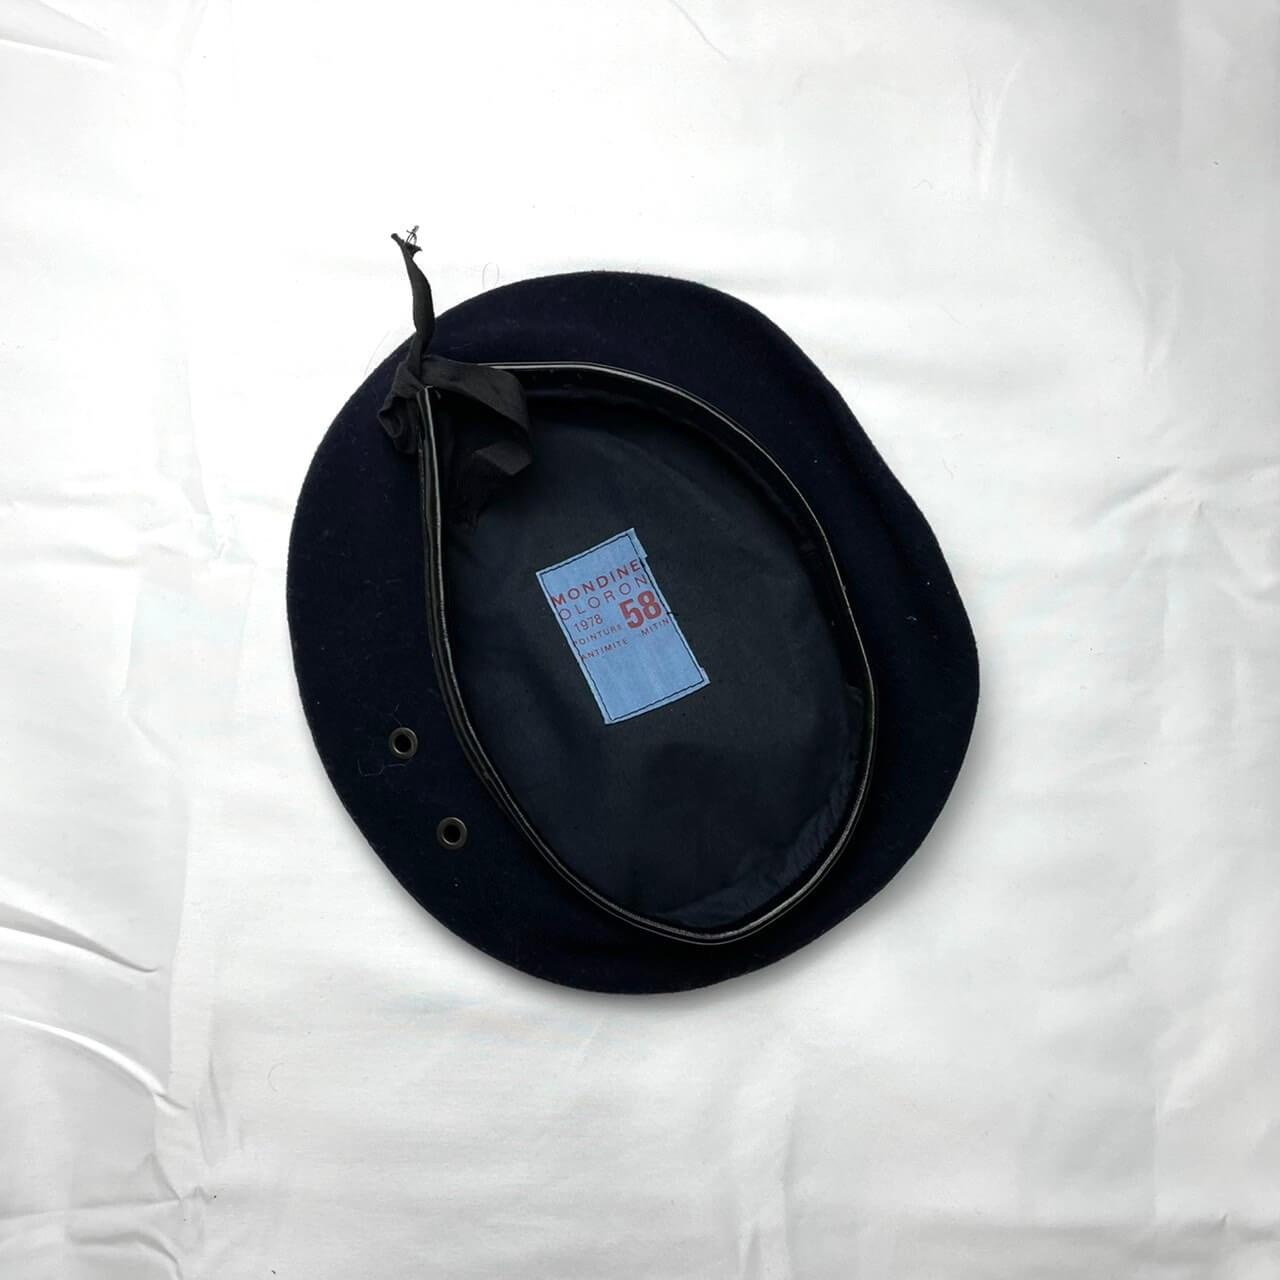 ベレー帽の歴史と種類を徹底解説『バスクベレー&ミリタリーベレー』